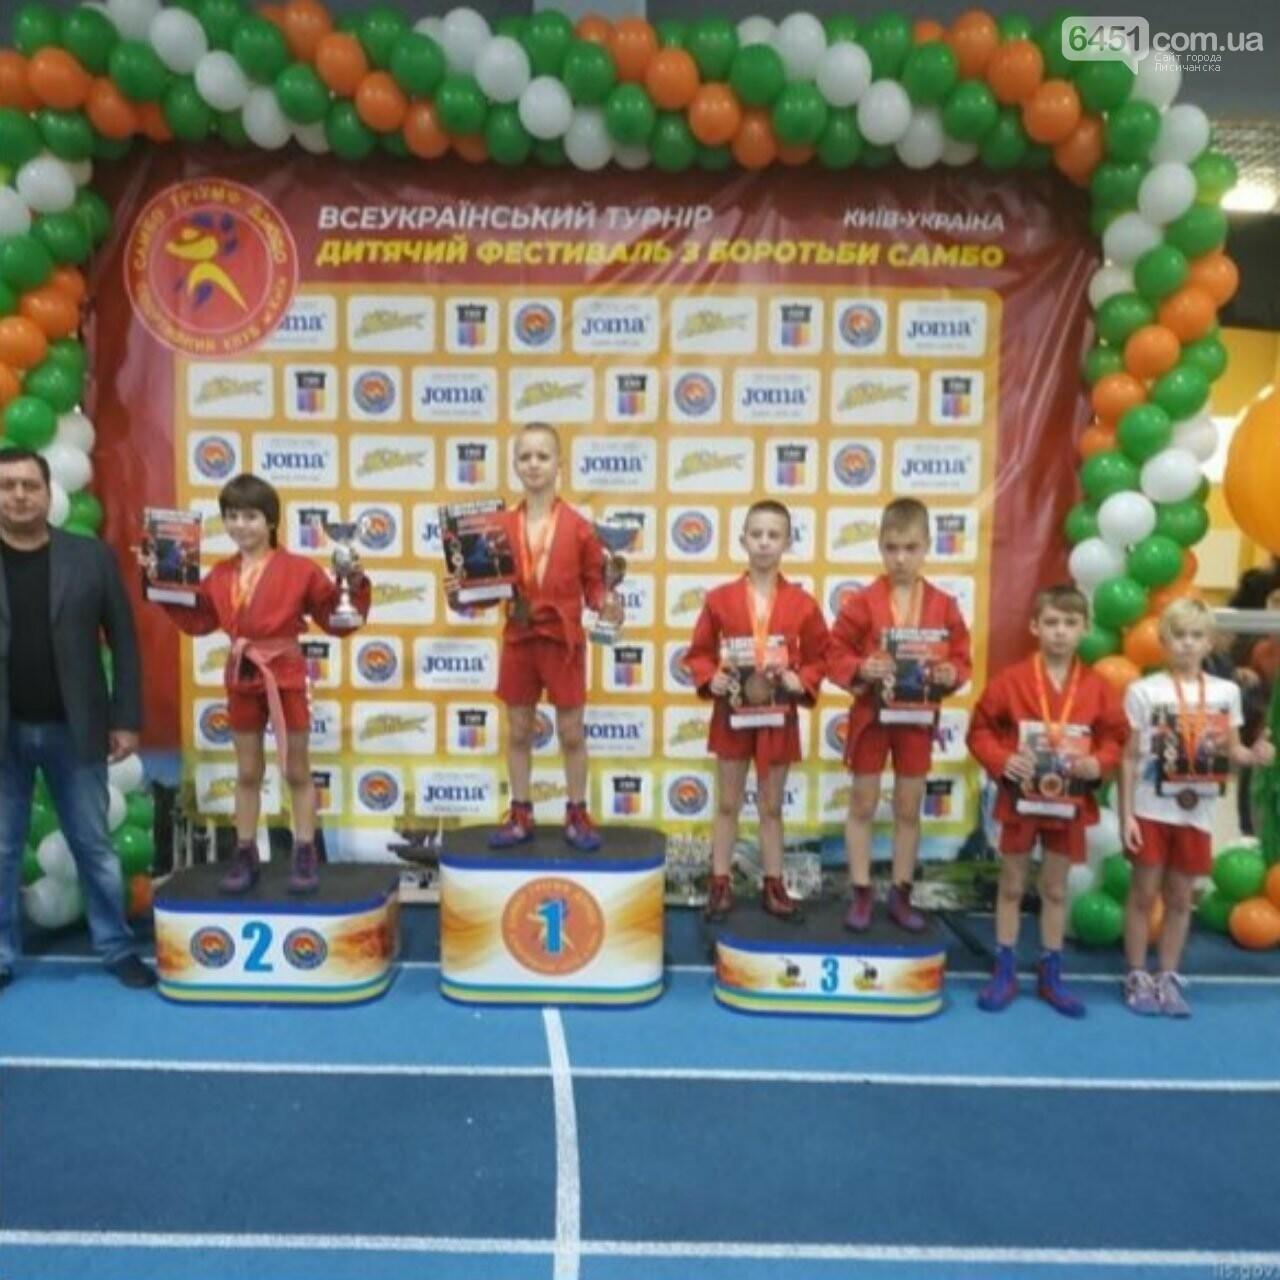 Лисичанские спортсмены - среди призеров открытого Всеукраинского турнира «III Детский Фестиваль самбо», фото-1